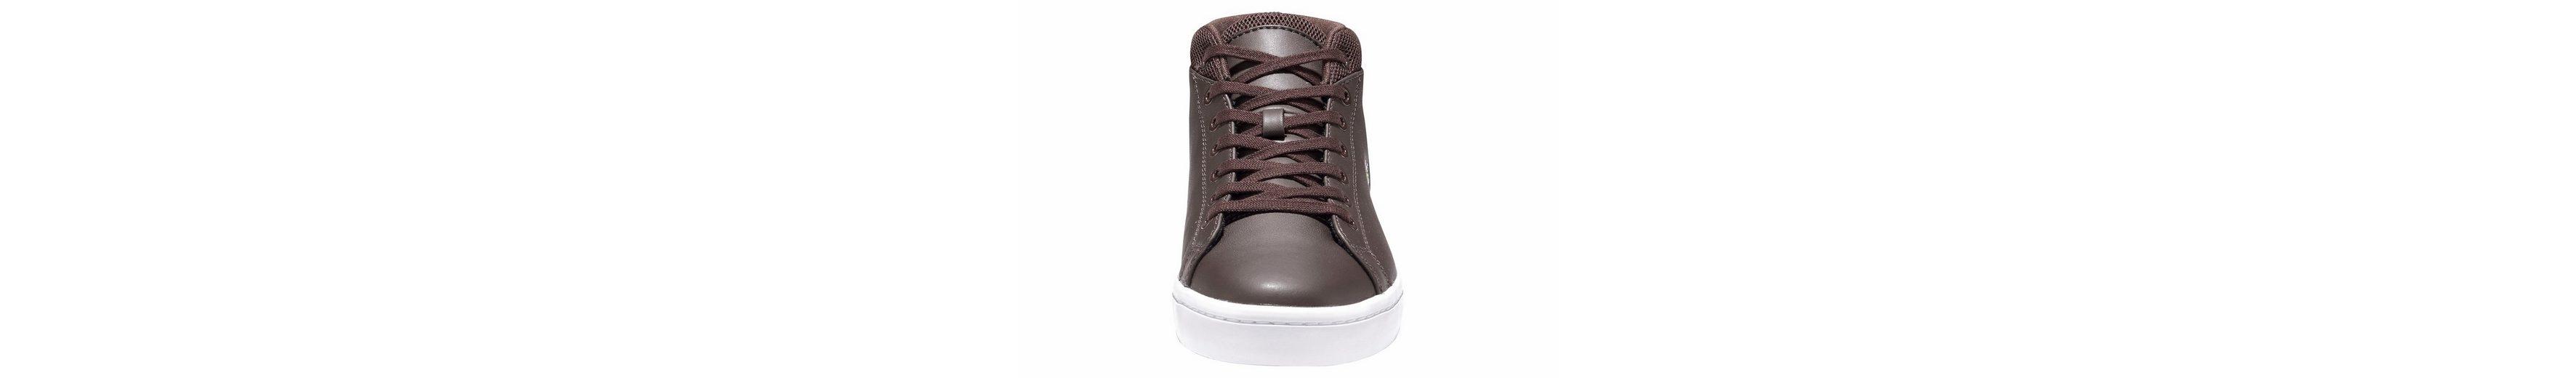 Lacoste Straightset SP Chukka Sneaker Freier Versandauftrag 5tEMulEK